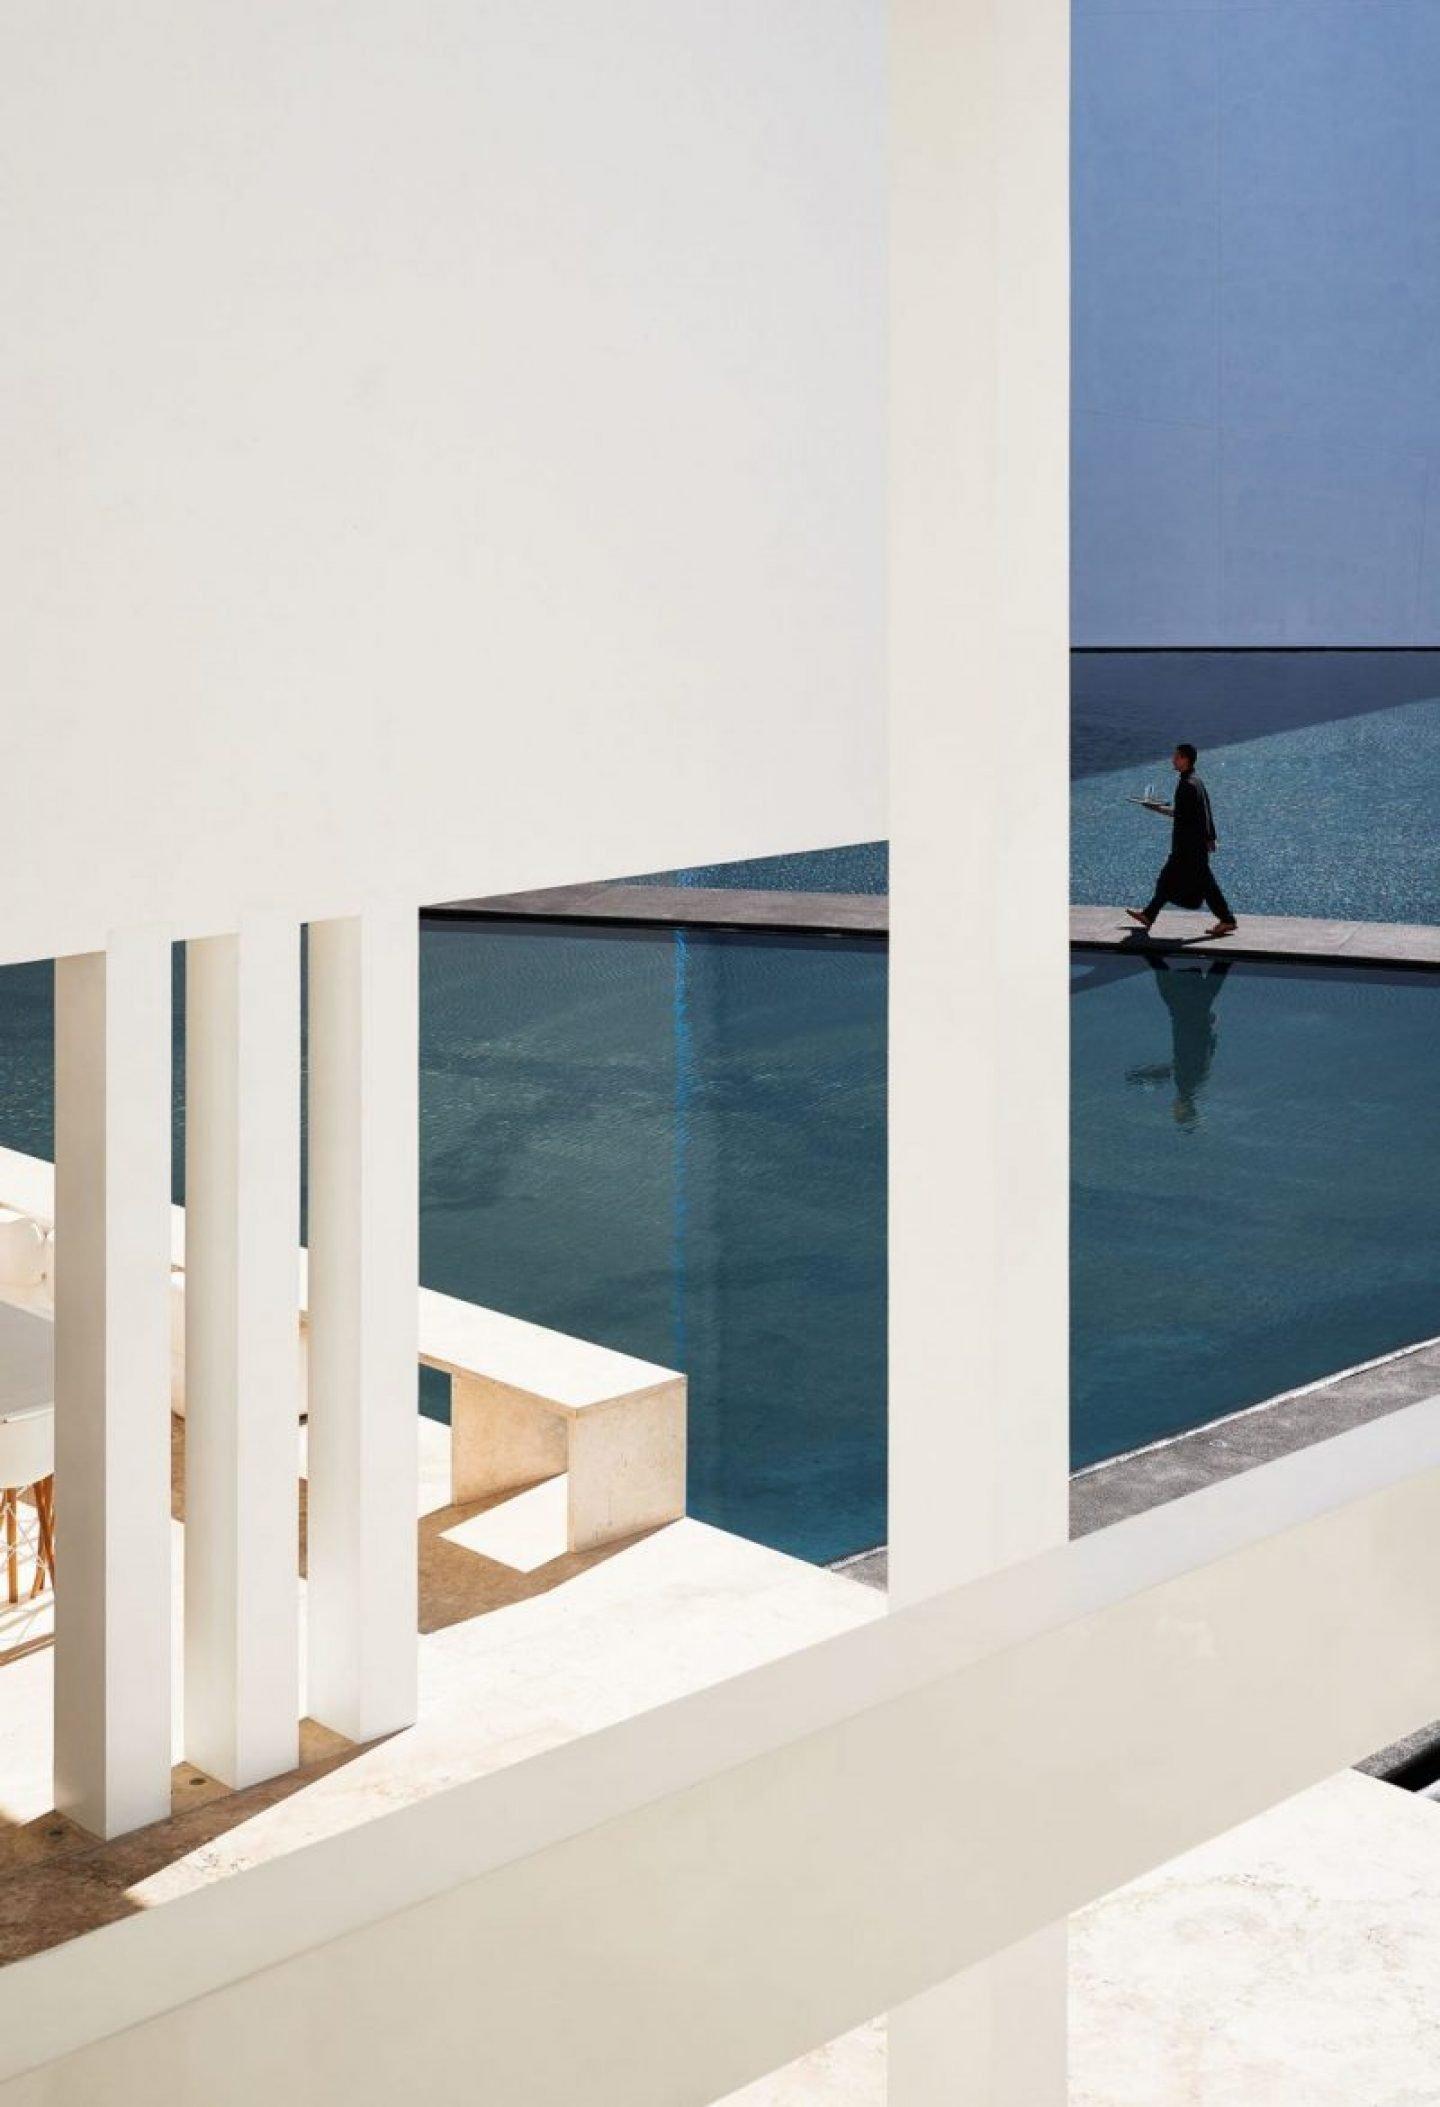 iGNANT_Places_Hotel_Mar_Adentro_Taller_Aragones_31